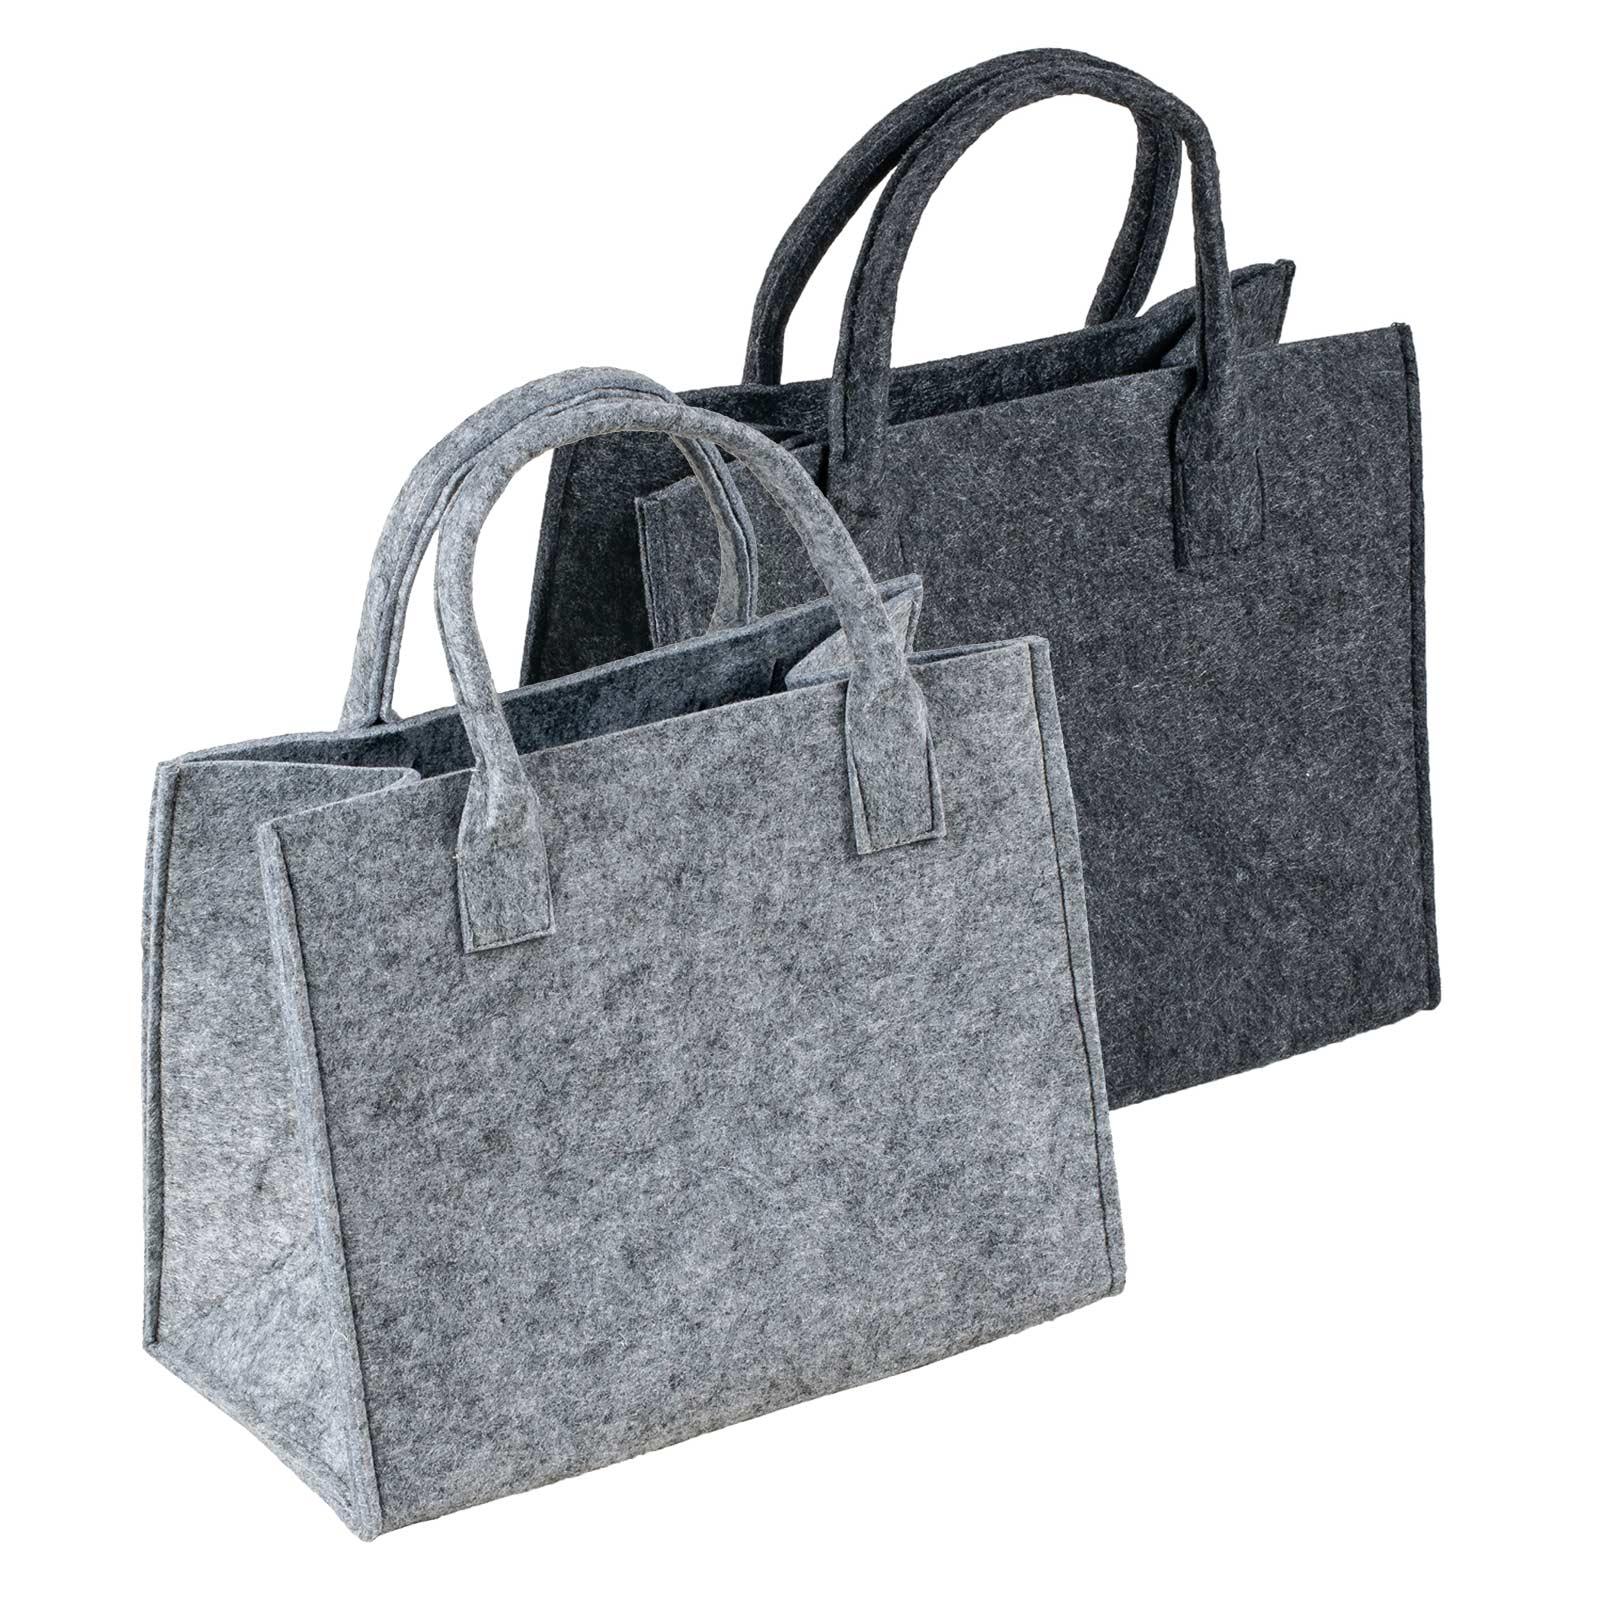 Filztasche mit Griff, 35x20x43cm, zum gleich Benutzen oder Aufhübschen, Grautöne – Bild 1